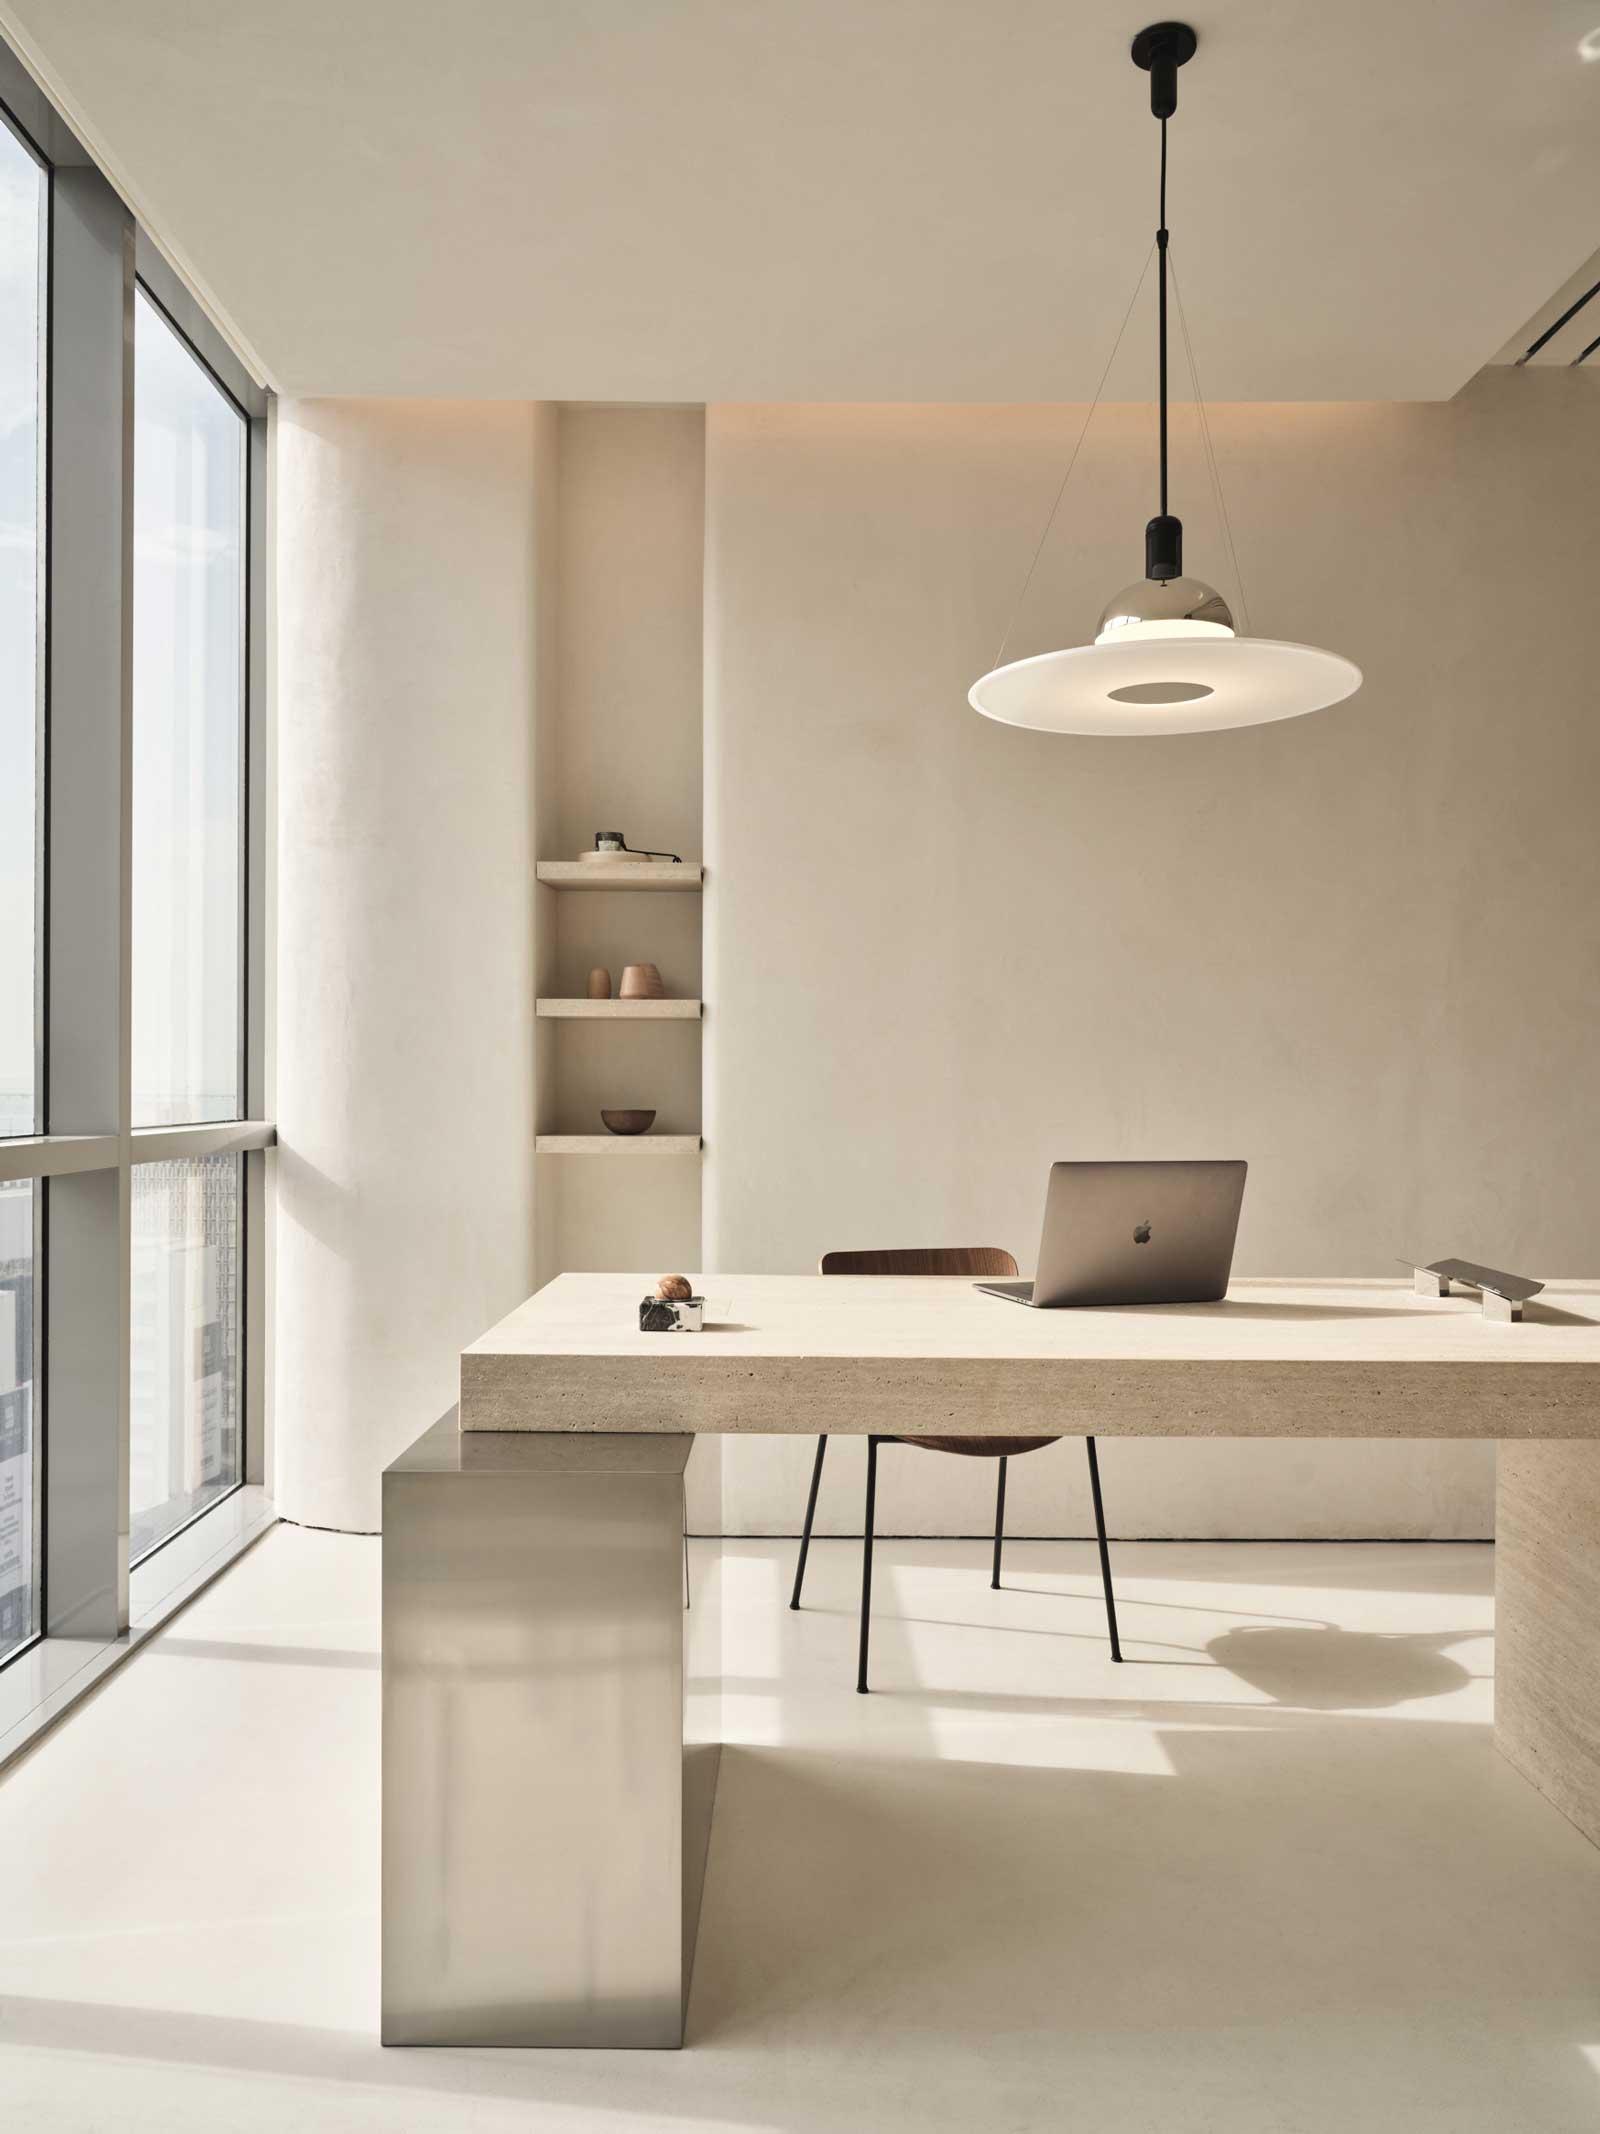 Un bureau lumineux en tadelakt avec de grandes fenêtres et des étagères de rangement